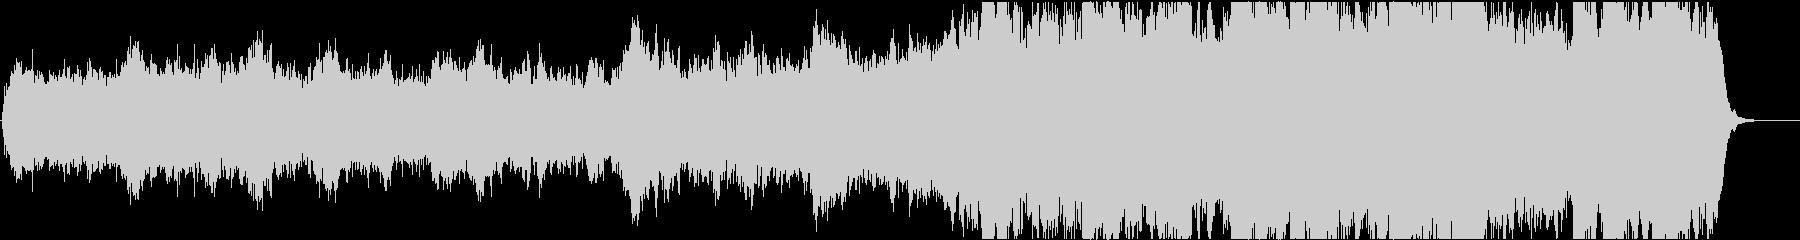 ドラマ3 24bit44.1kHzVerの未再生の波形